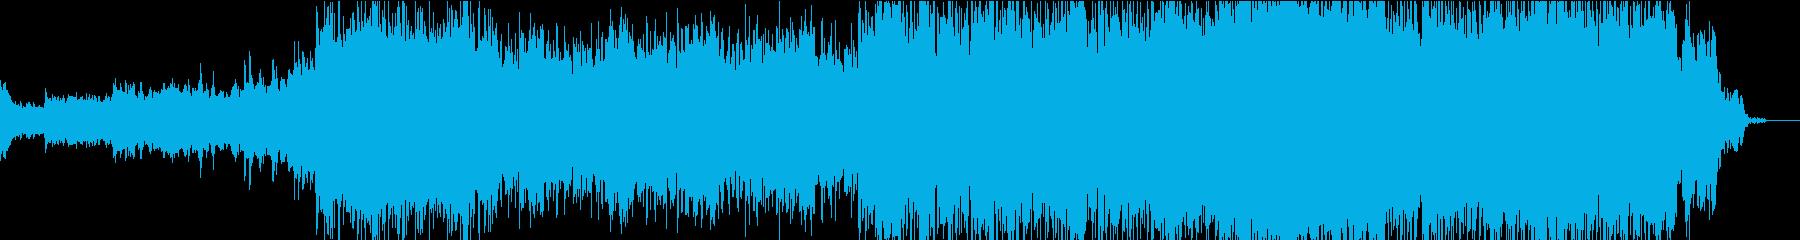 輝く宙空への旅立ちをイメージしたBGMの再生済みの波形